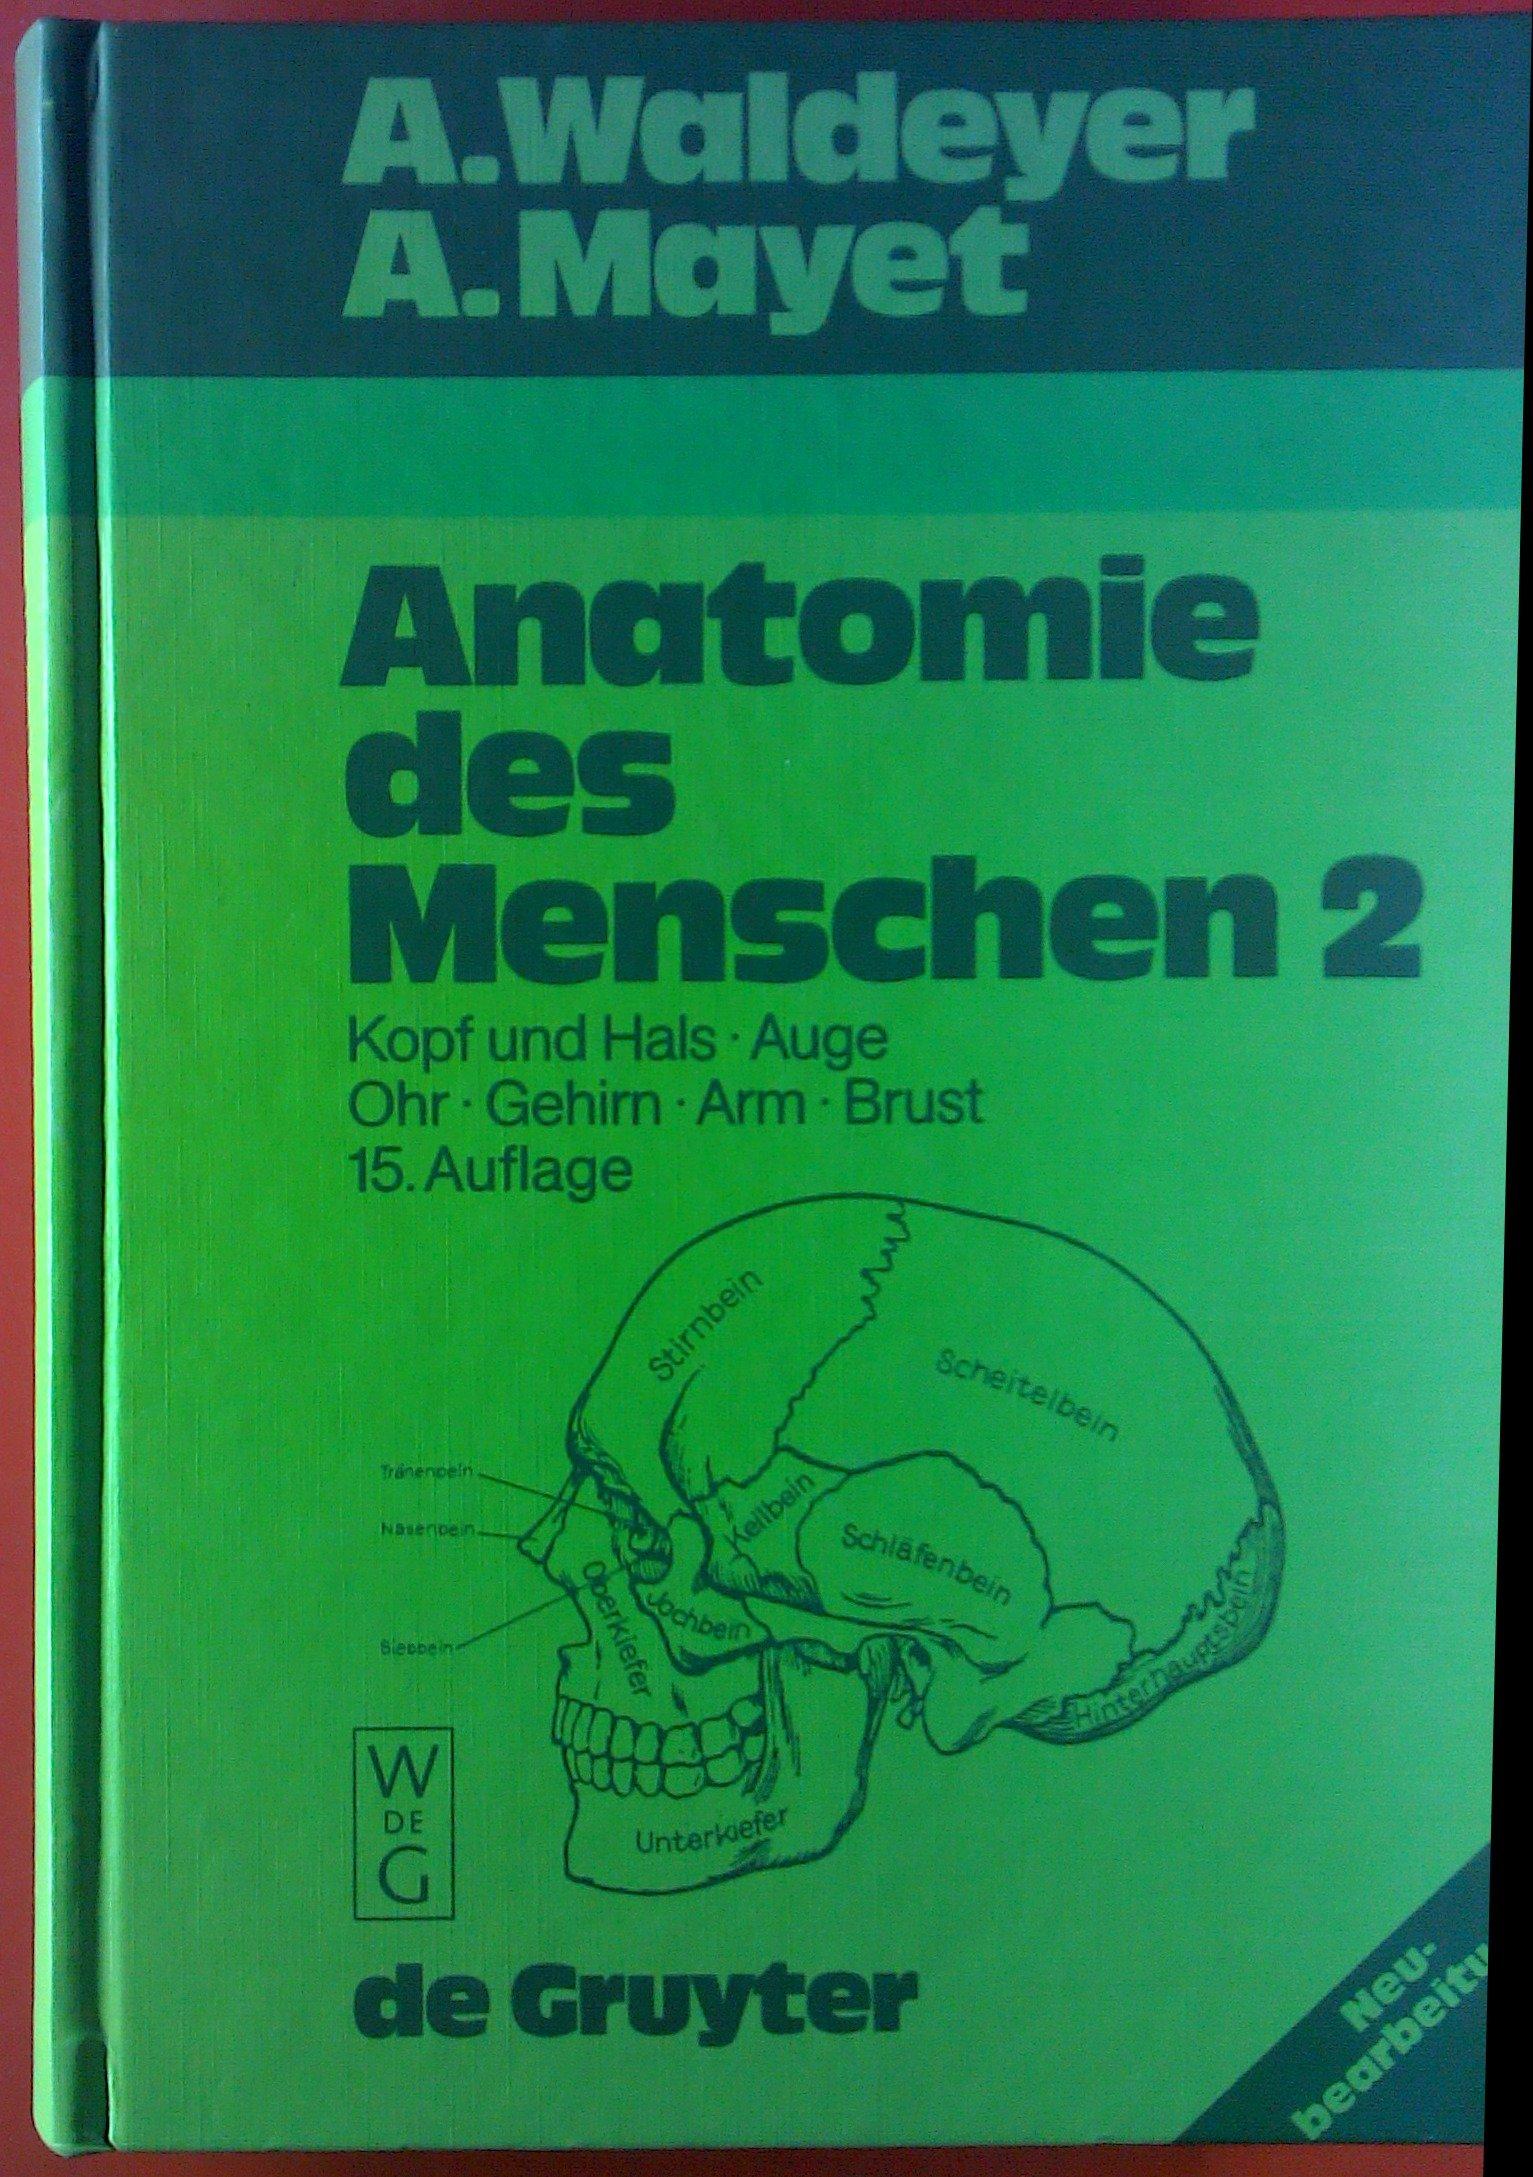 Anatomie des Menschen 2. Kopf und Hals - Auge - Ohr - Gehirn - Arm ...